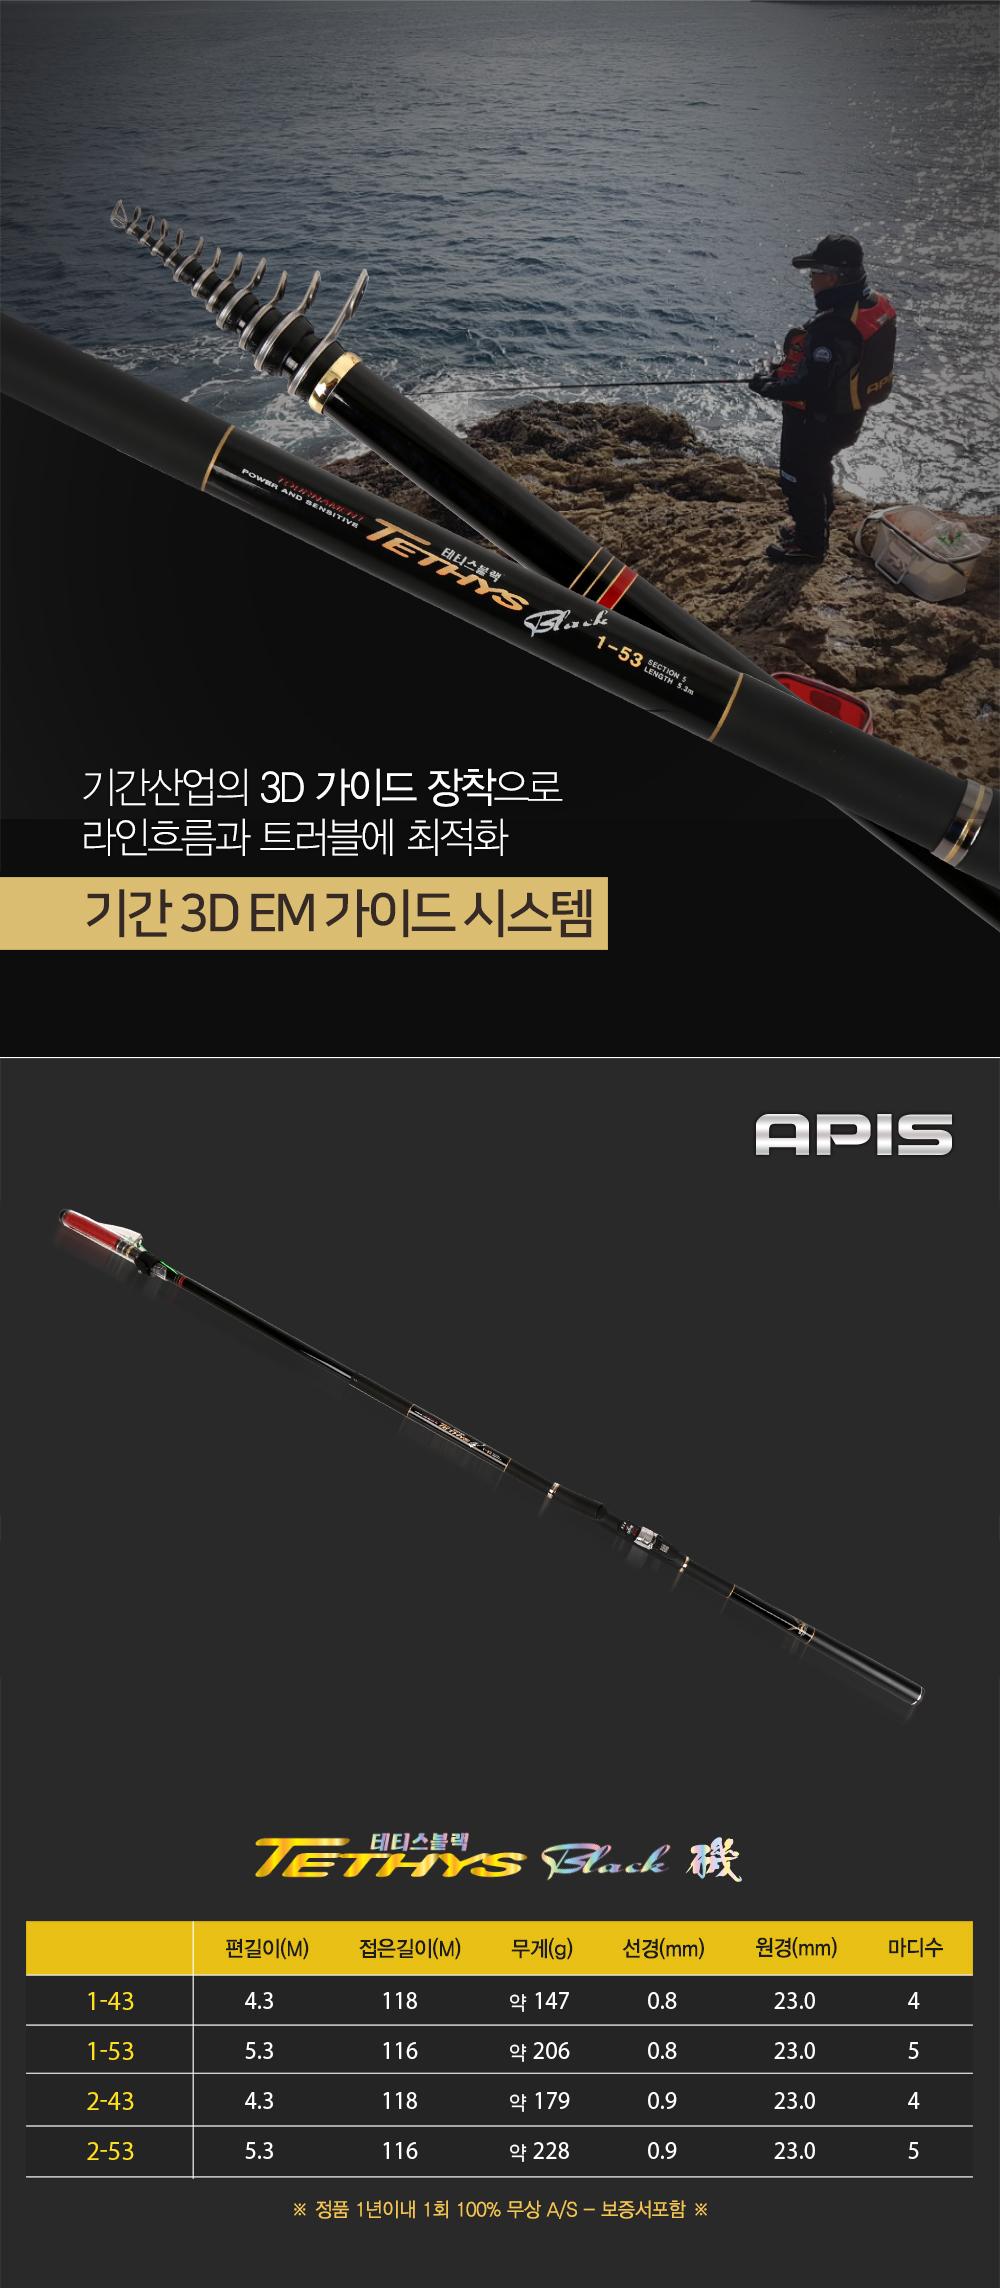 아피스 테티스 블랙 기-3D EM가이드 / MADE IN KOREA 1년1회 100% 무상보증 낚시용품 낚시용품사이트 낚시용품쇼핑몰 갯바위대 감성돔릴대 릴낚시대 바다낚시대 바낚 바다릴대 바다릴 낚시대 감성돔 벵에돔 찌낚시 찌낚시대 참돔 참돔낚시대바다대 바다대